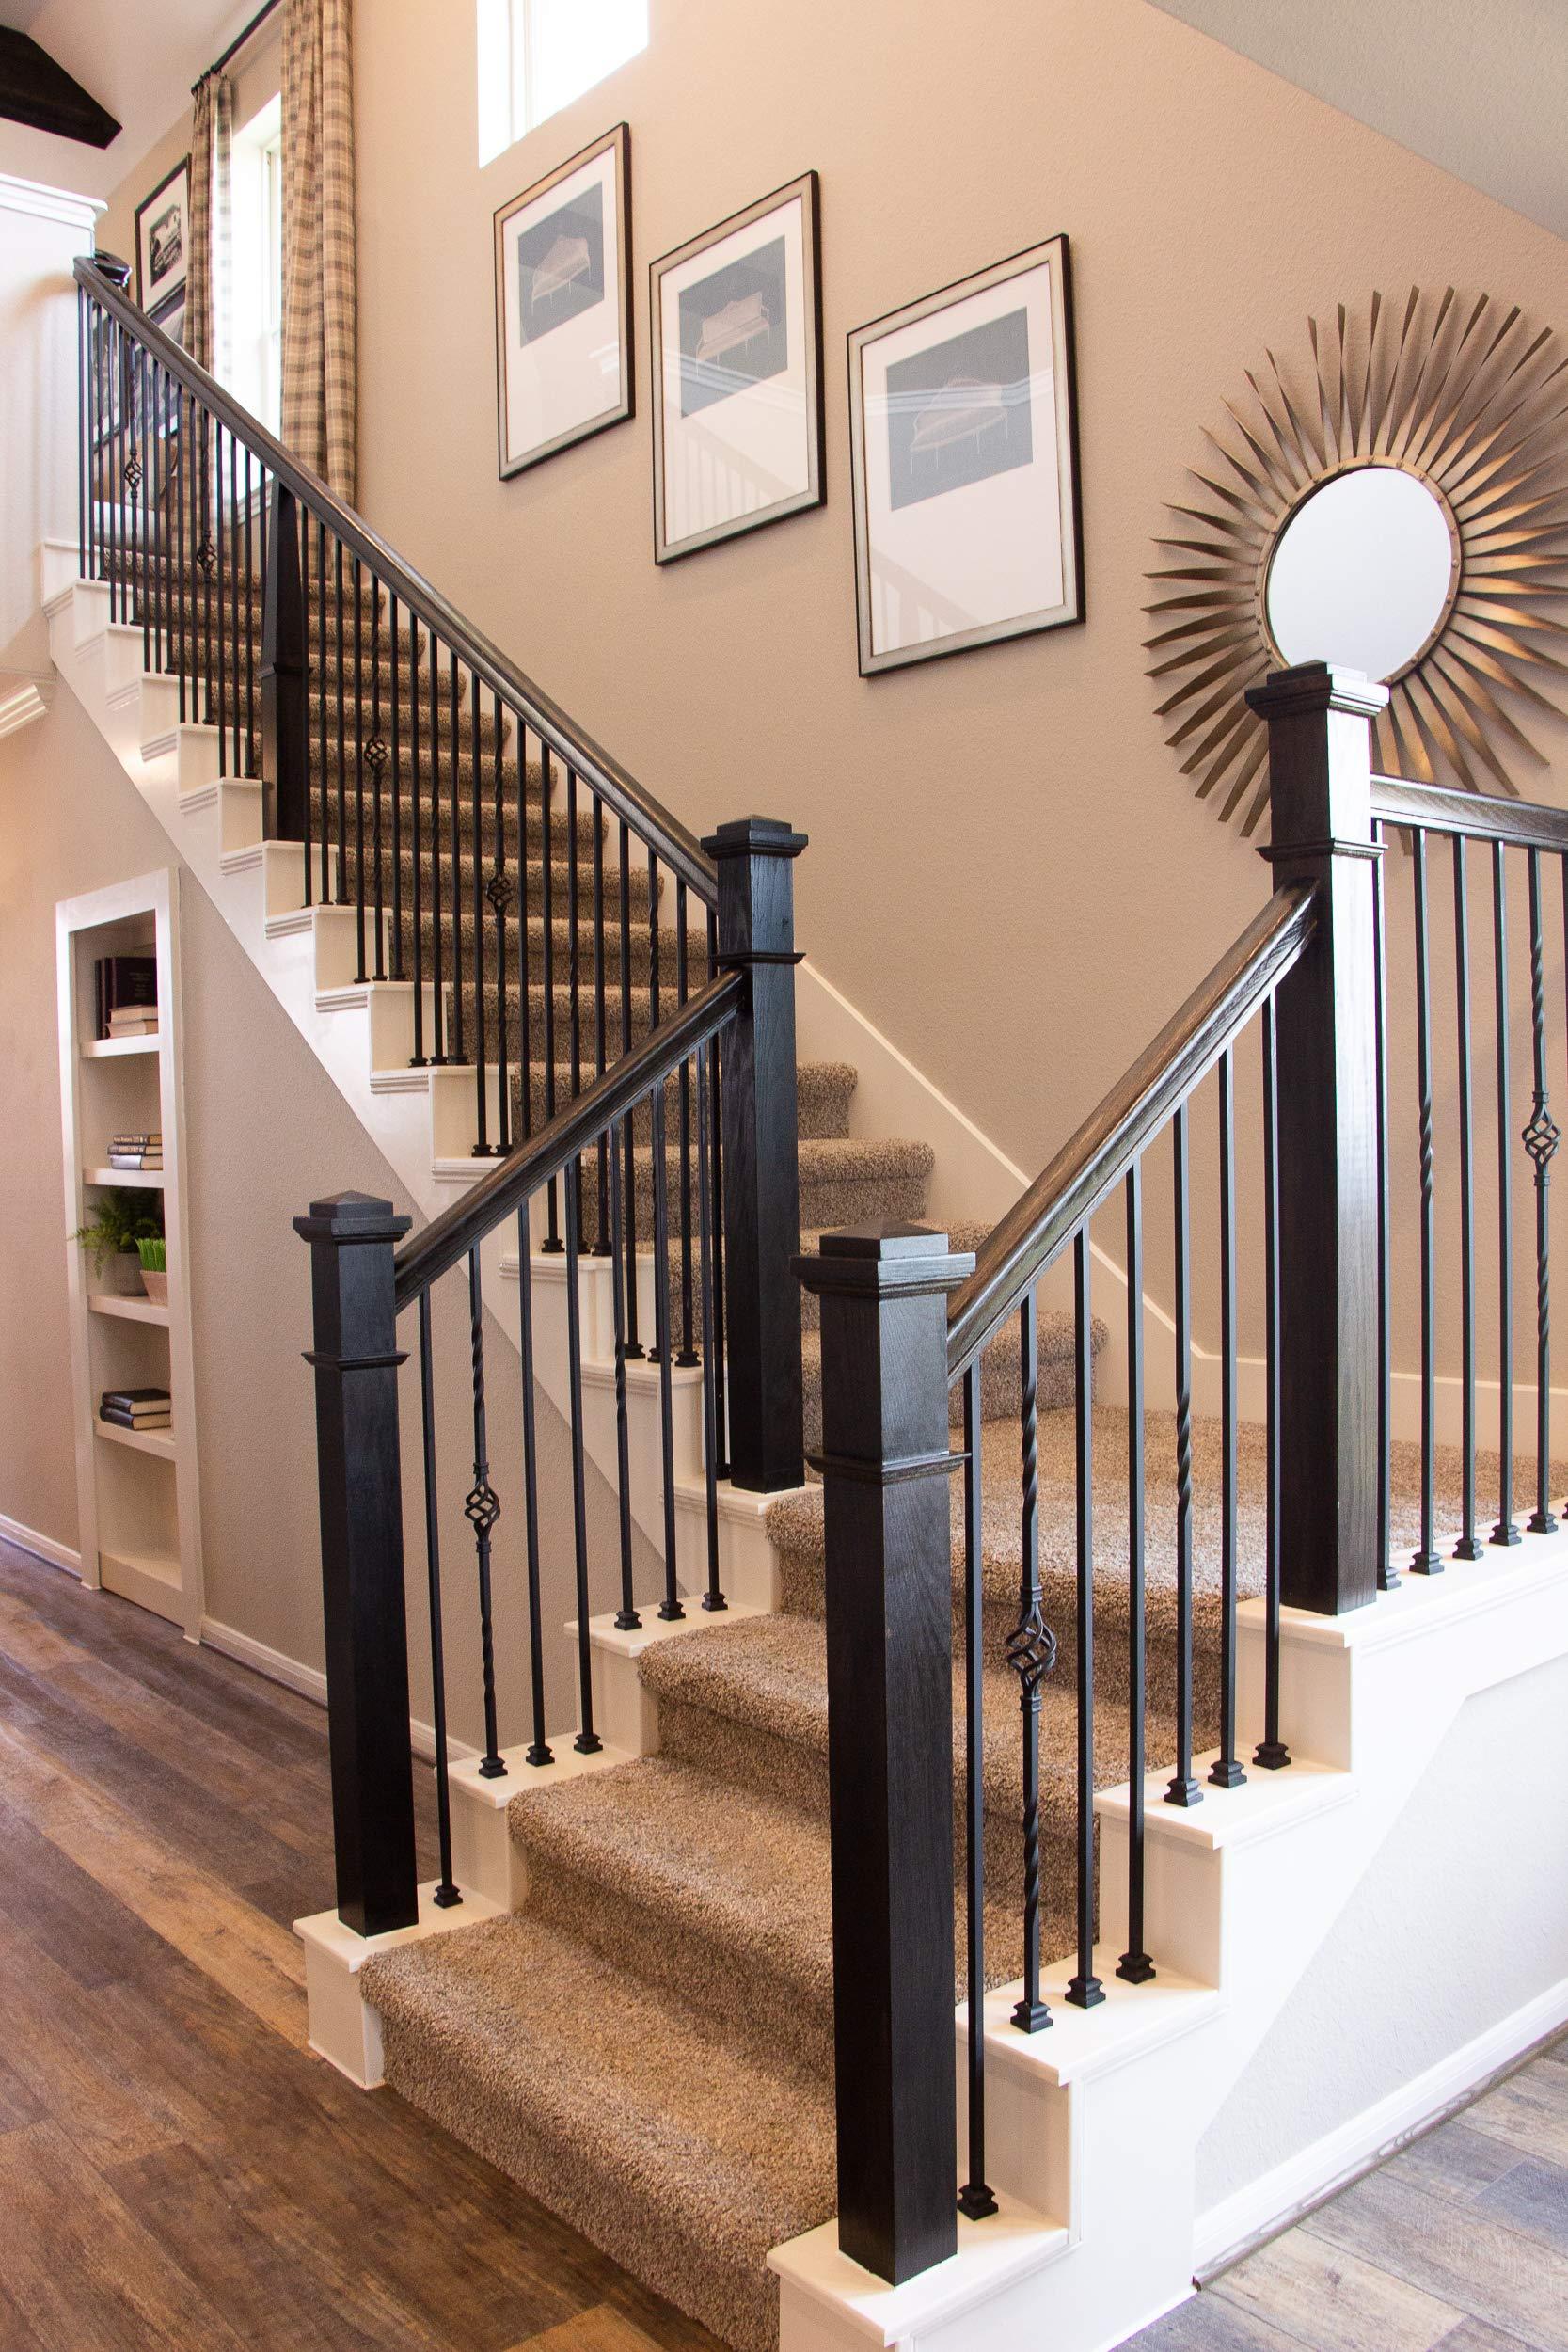 Pasamanos de recta 6010 serie – Colonial de madera Escalera pasamanos para escaleras Remodel: Amazon.es: Bricolaje y herramientas